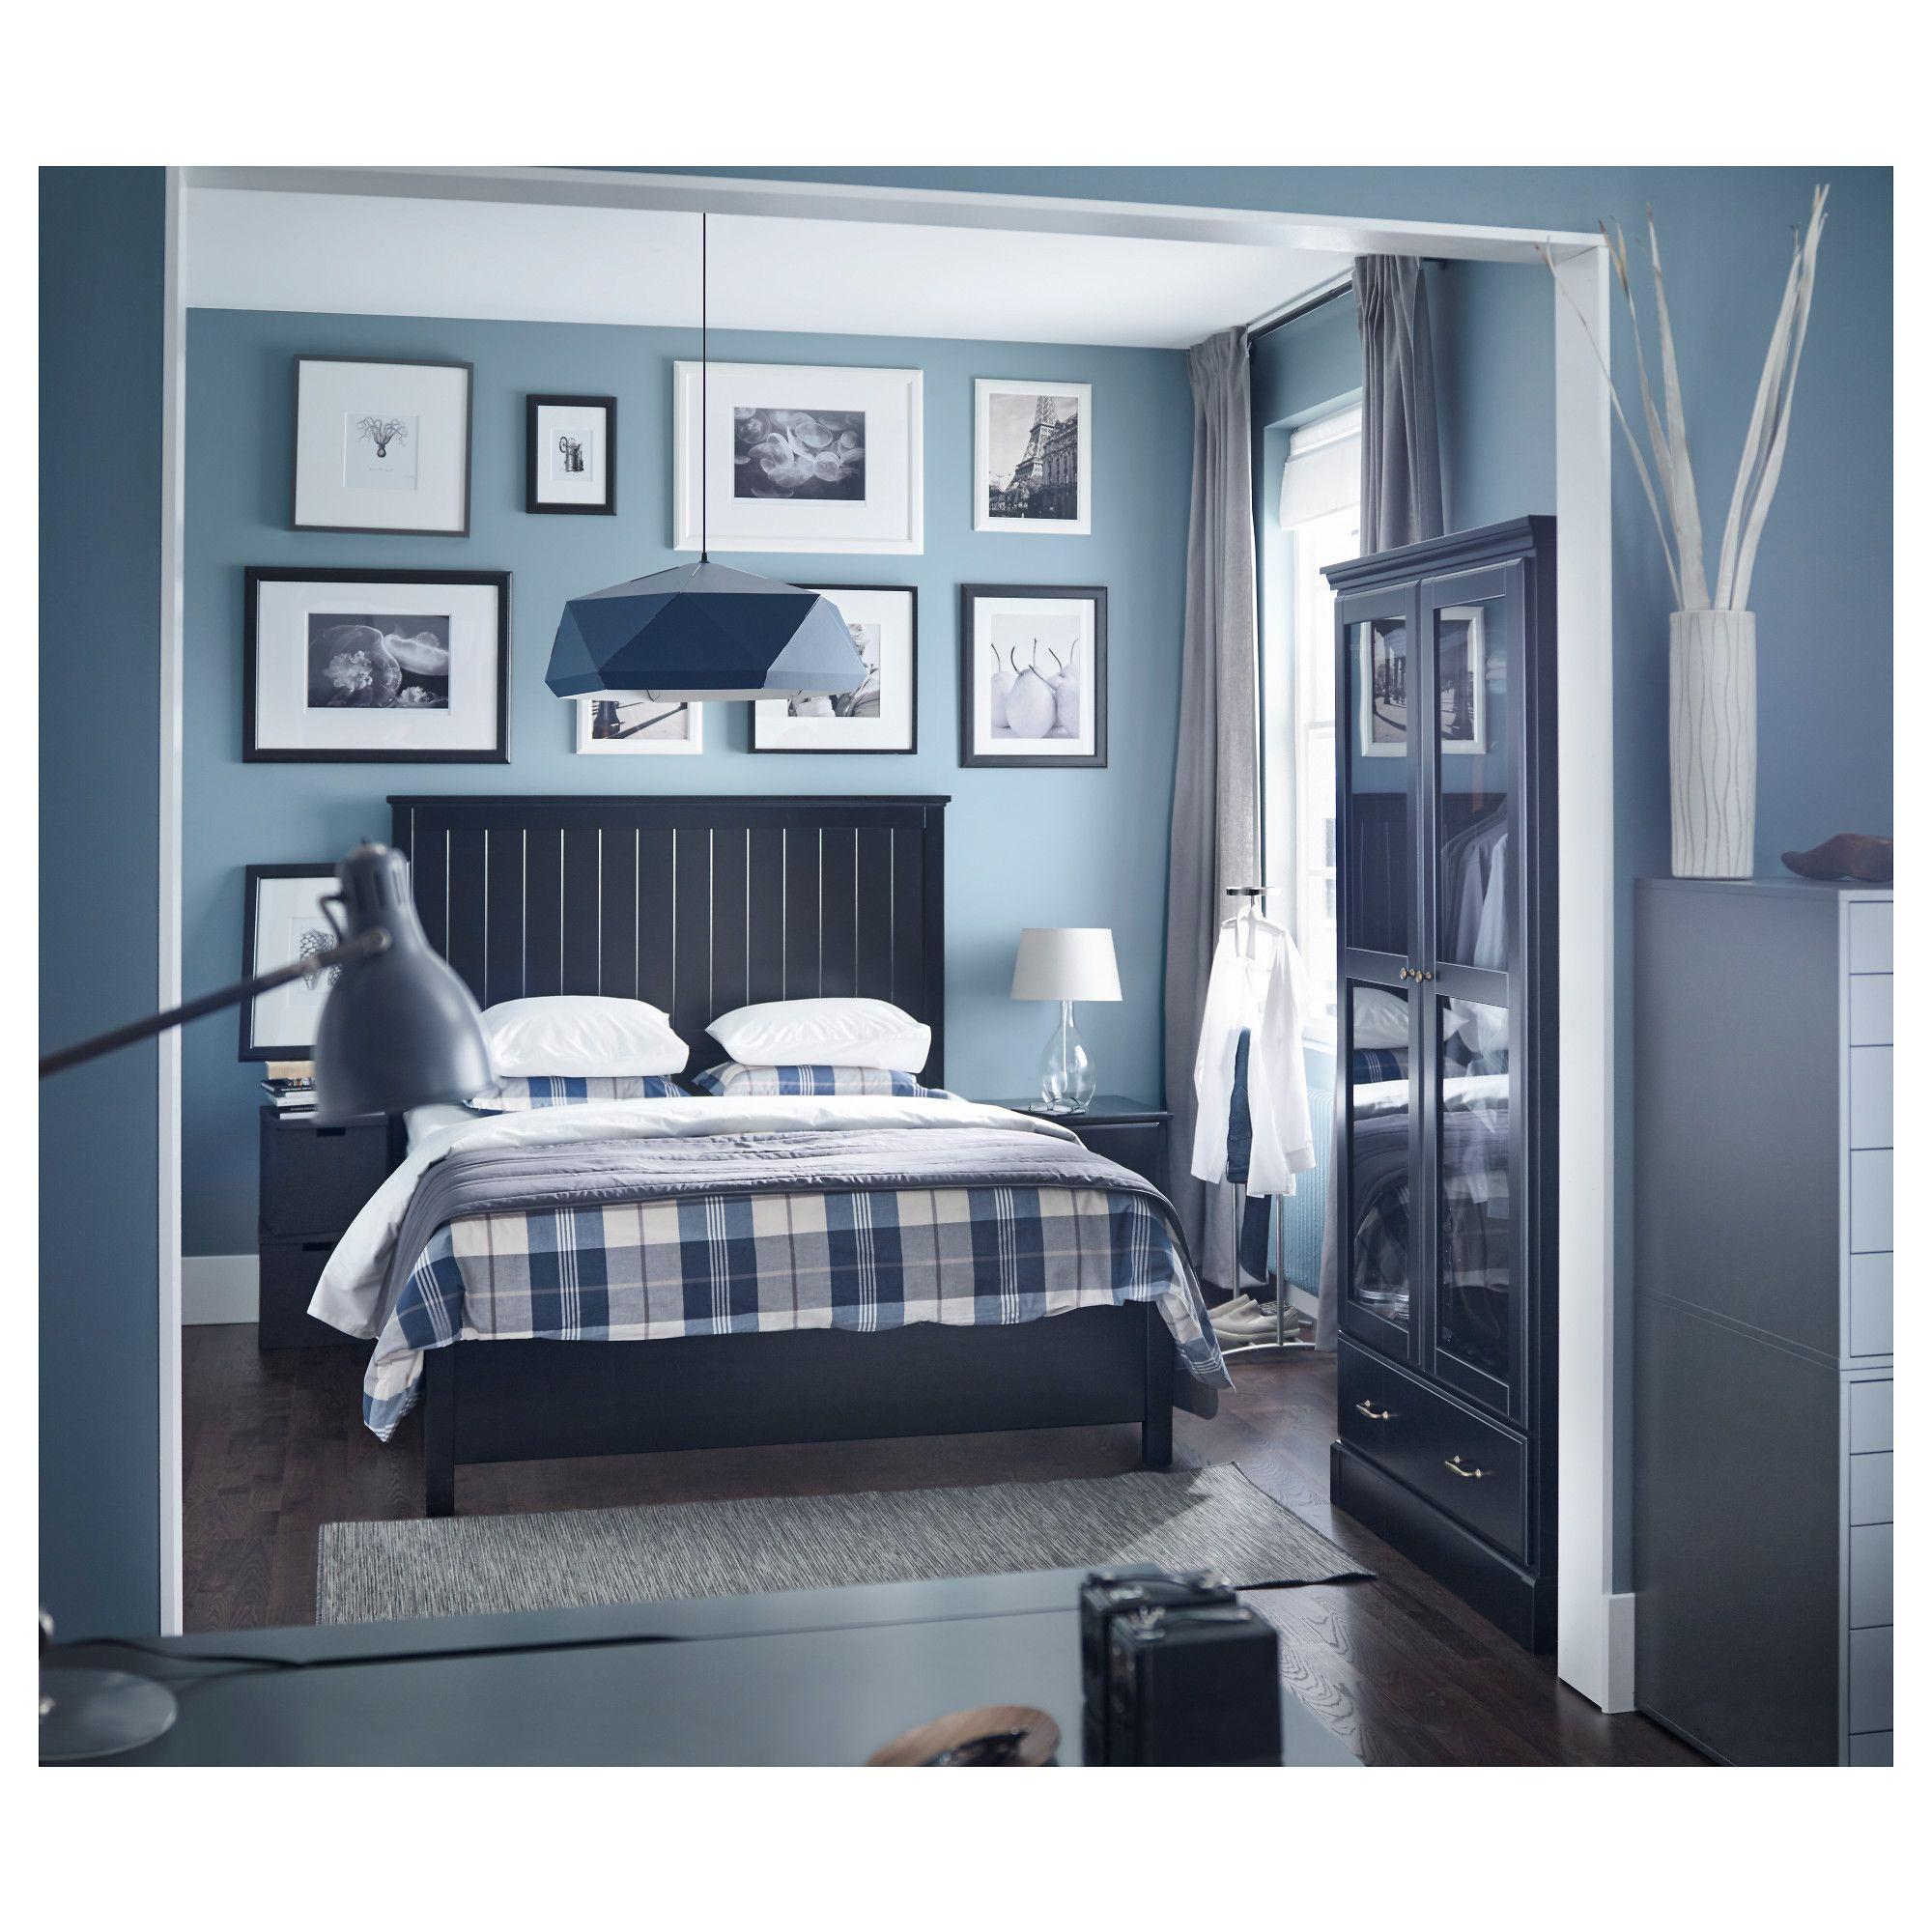 Pin di Silvia Zanetti su Home Sweet Home | Ispirazione ikea ...